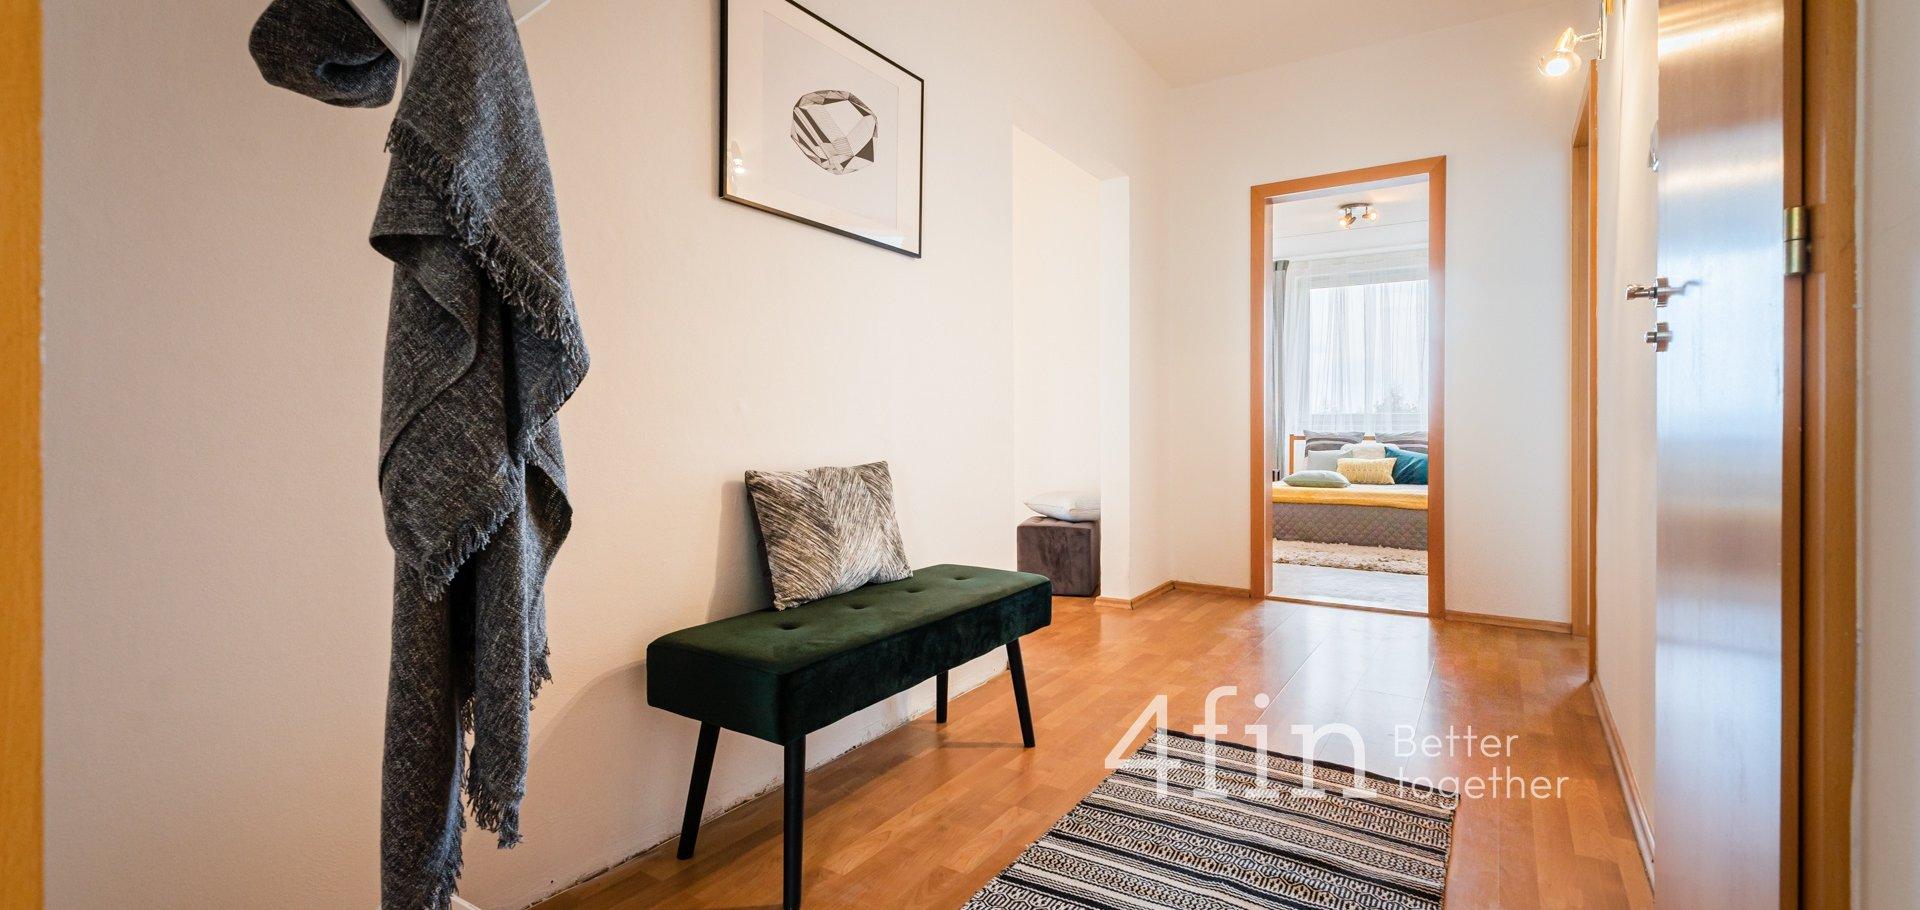 Prodej družstevního bytu 3+1s lodžií, 81m², Werichova - Praha 5